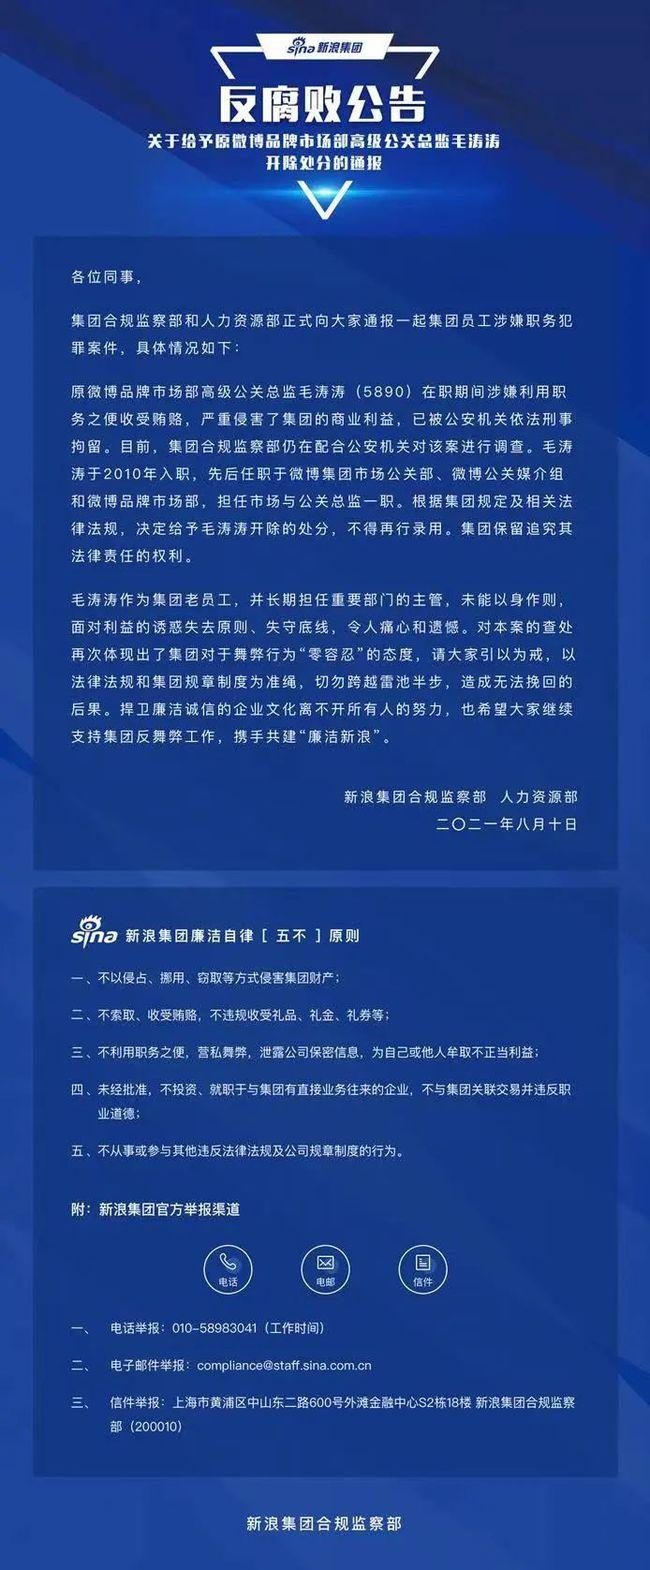 微博原市场部高级公关总监毛涛涛涉受贿 被刑拘